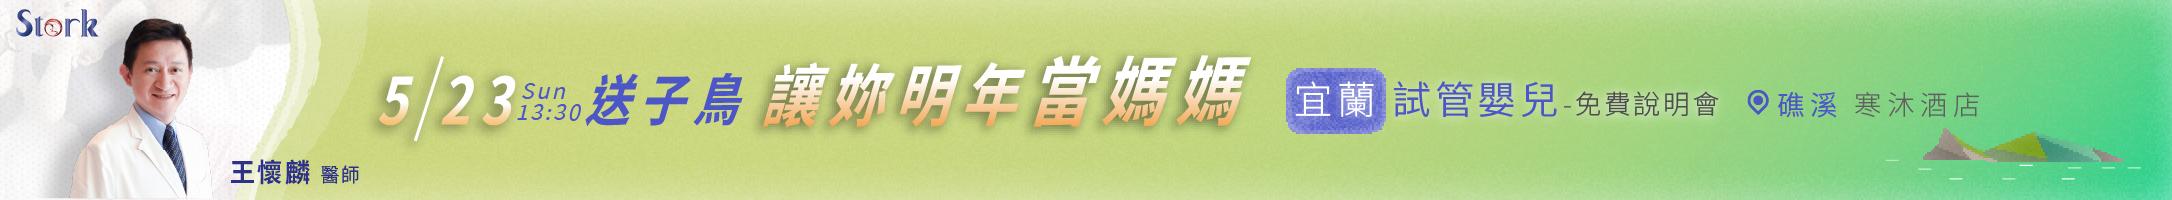 5/23(日)送子鳥宜蘭試管說明會